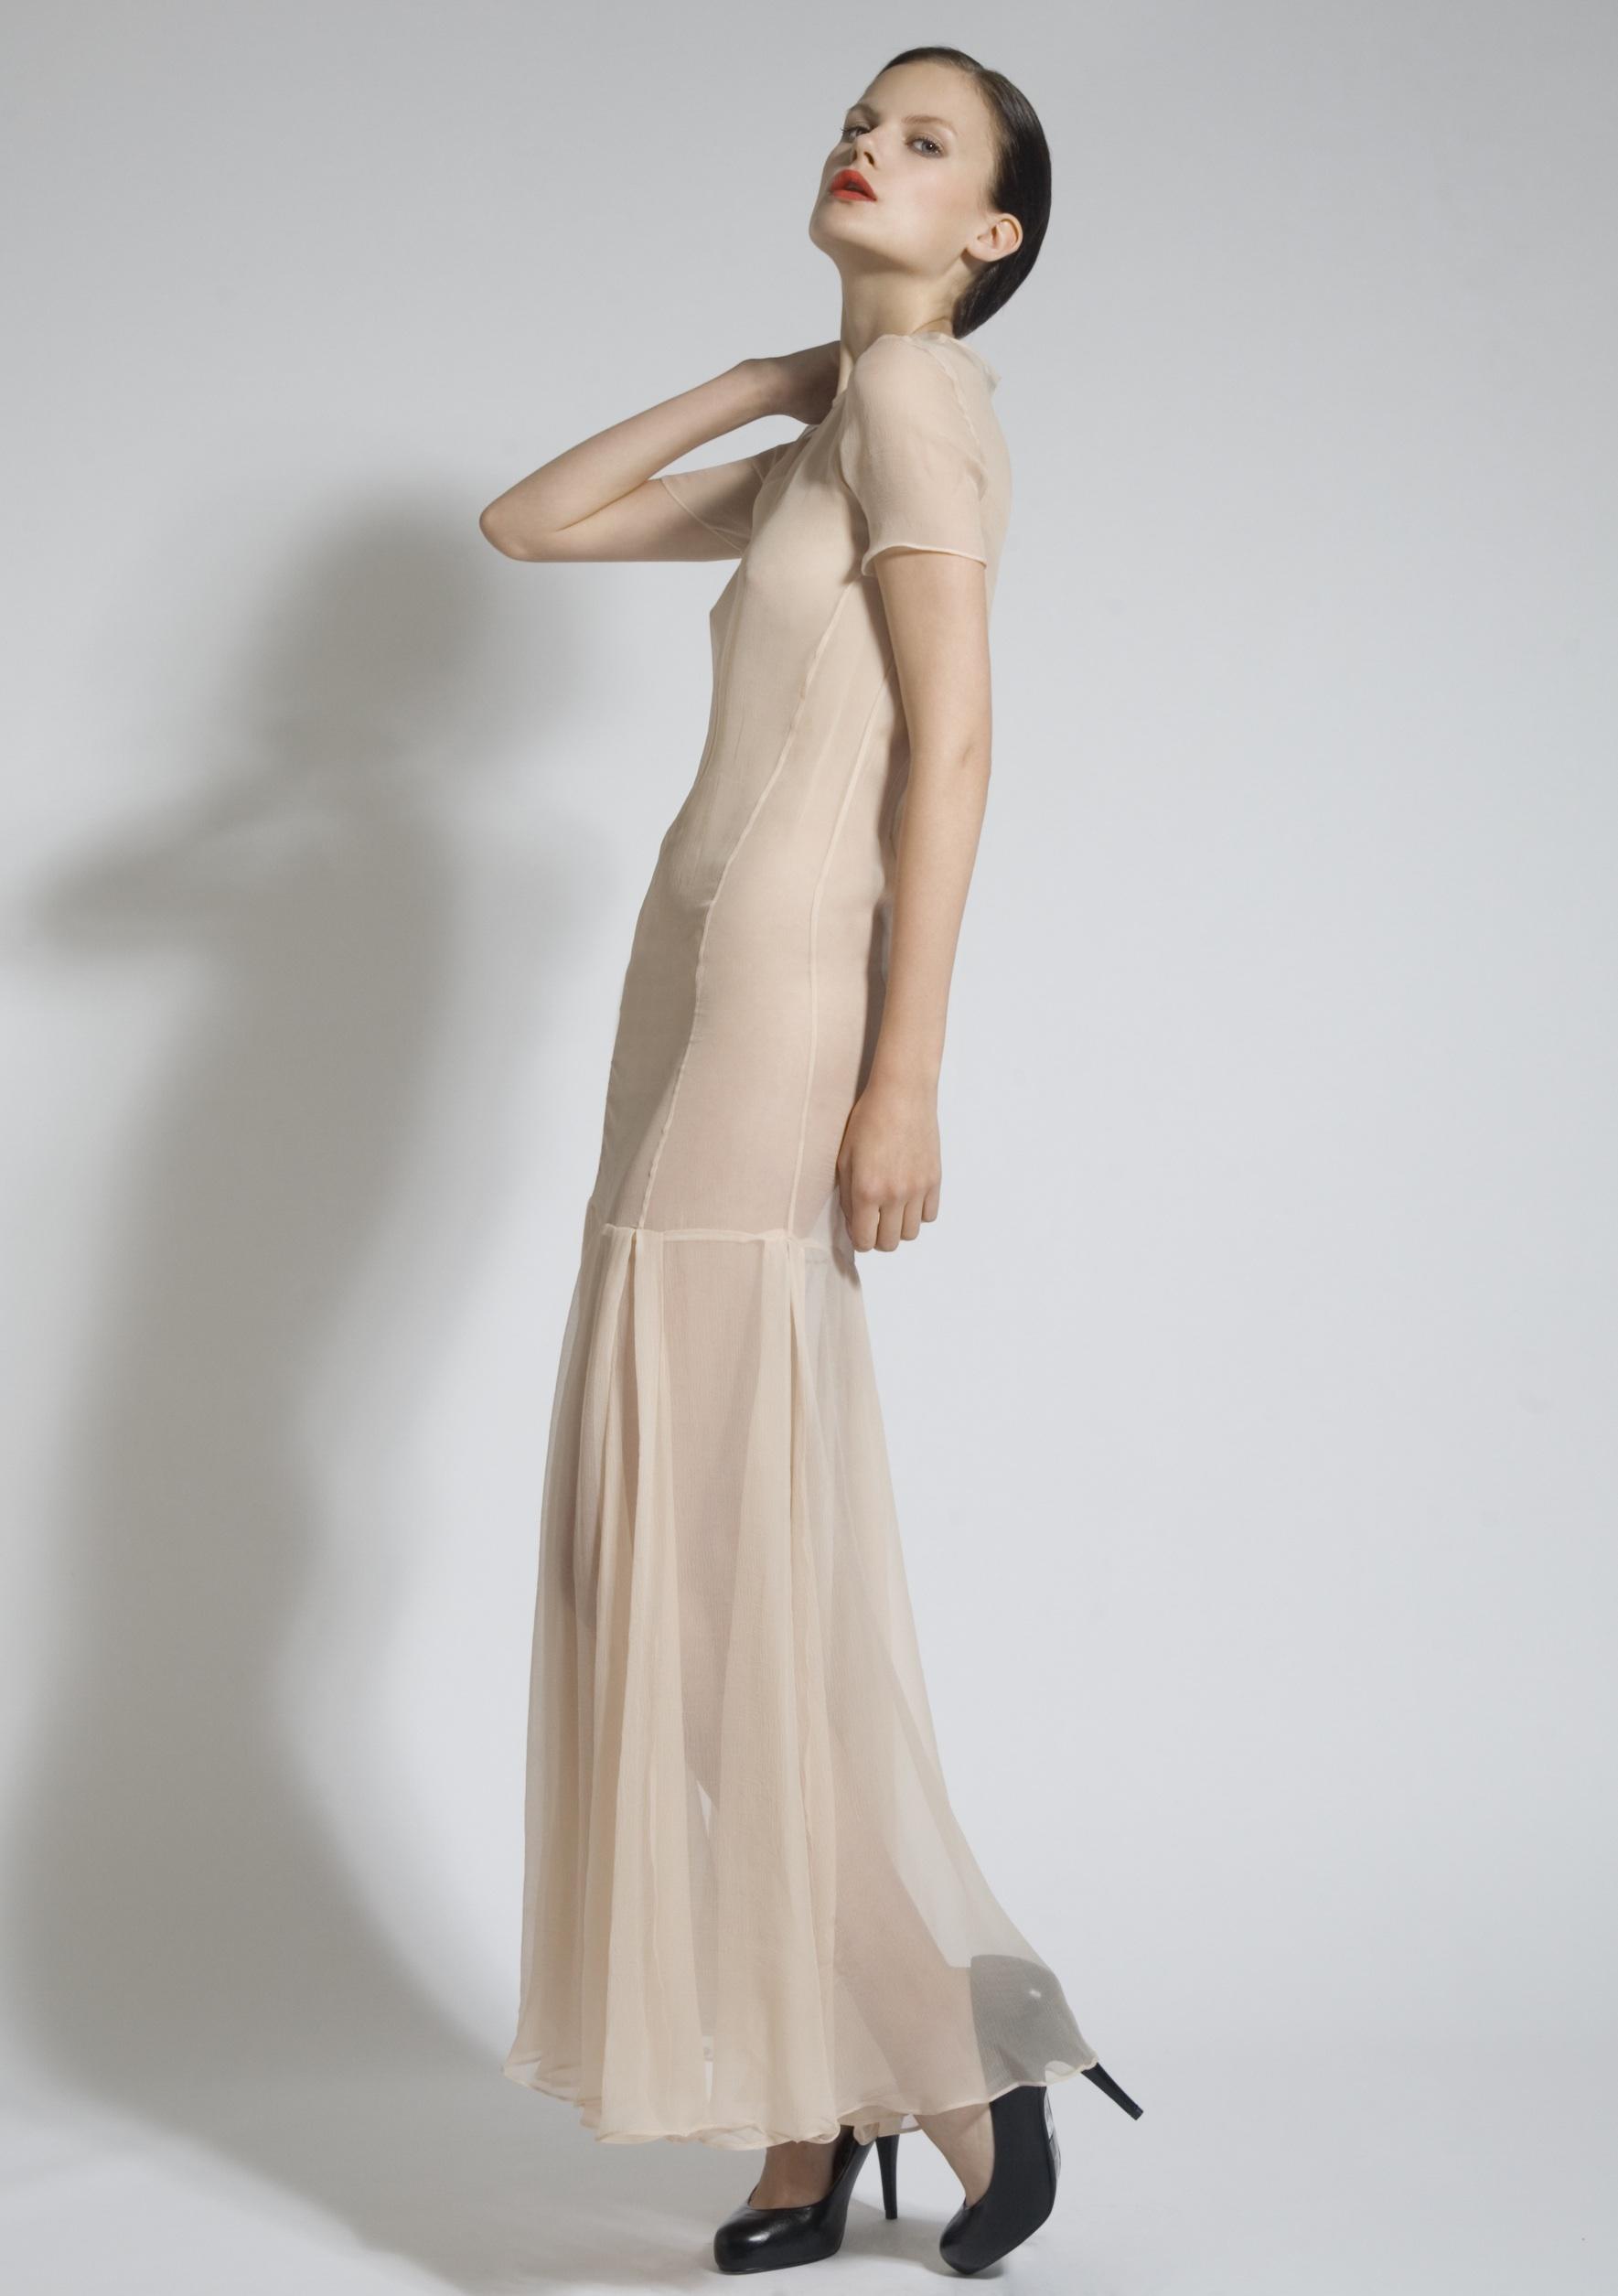 9 Nude Chiffon Pleat Dress.jpg